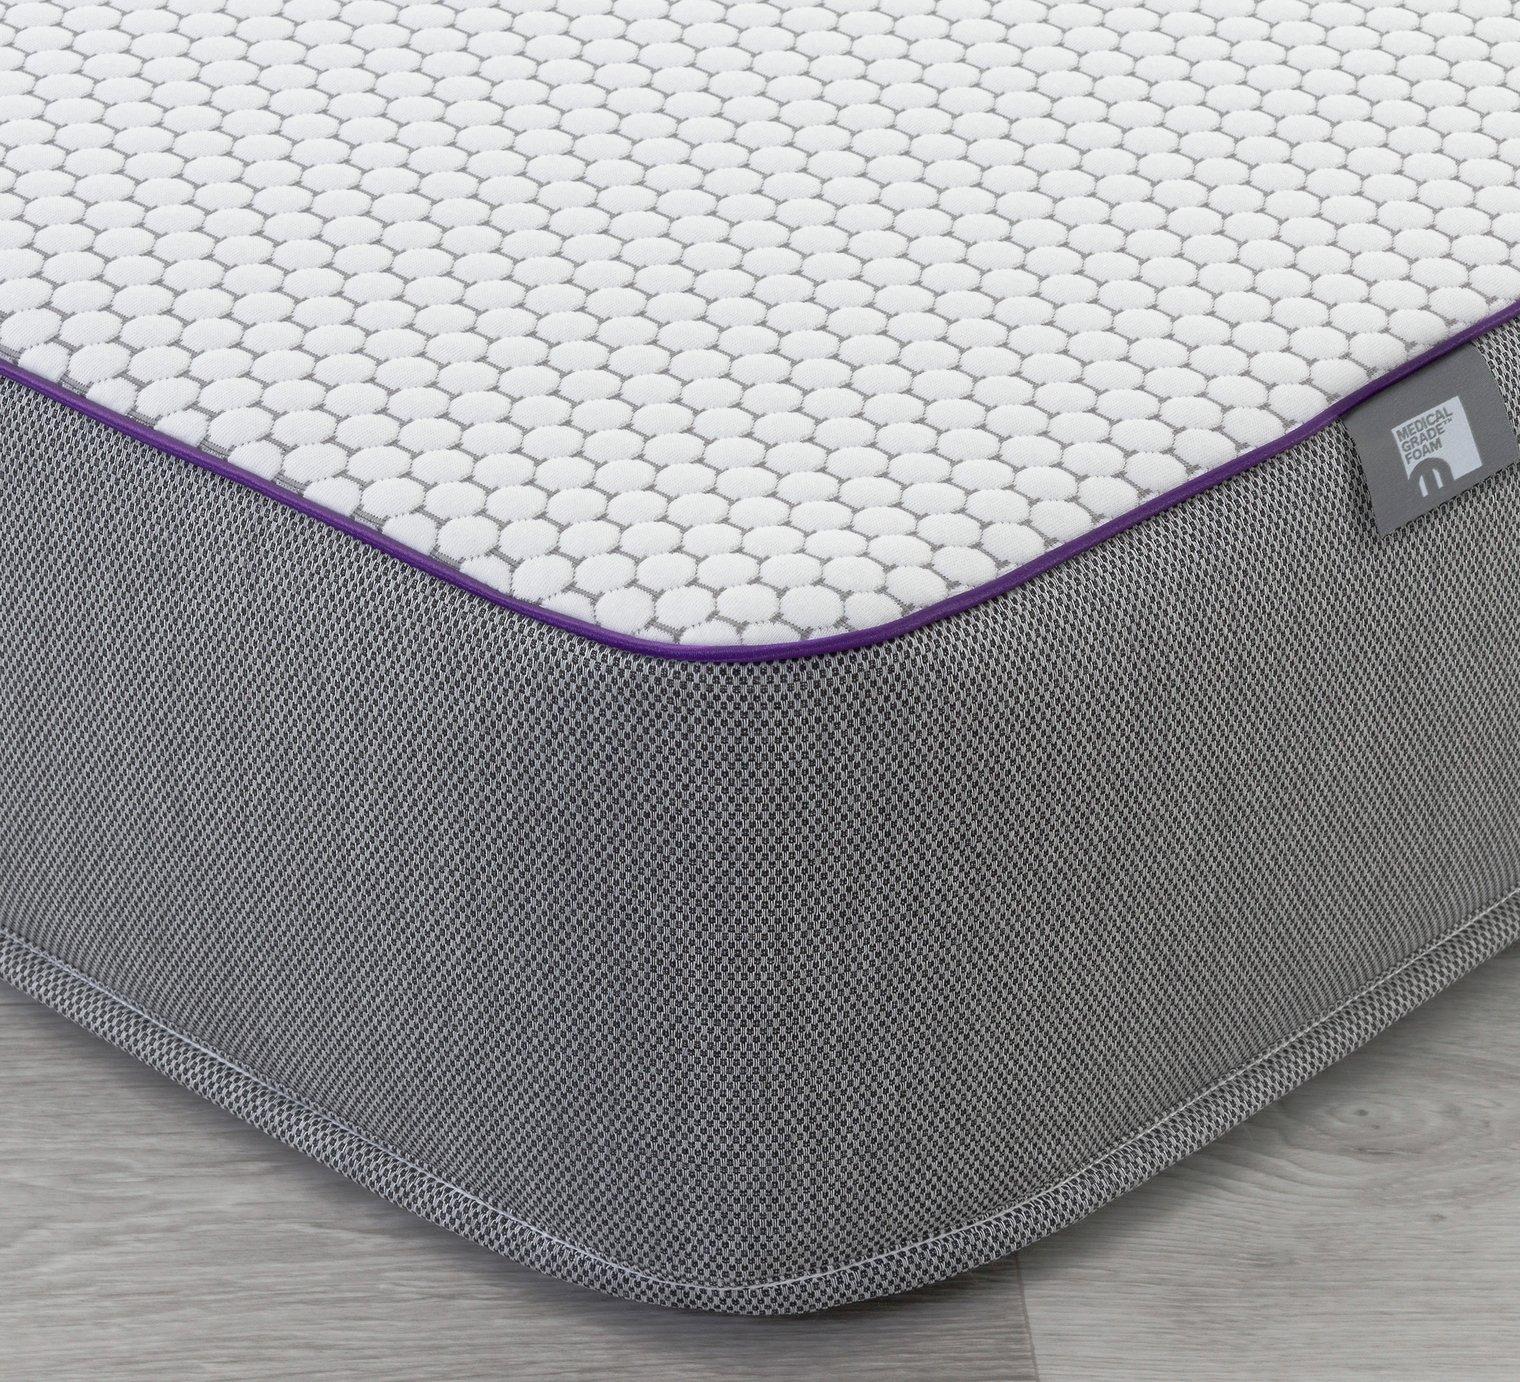 Mammoth wake plus superking mattress